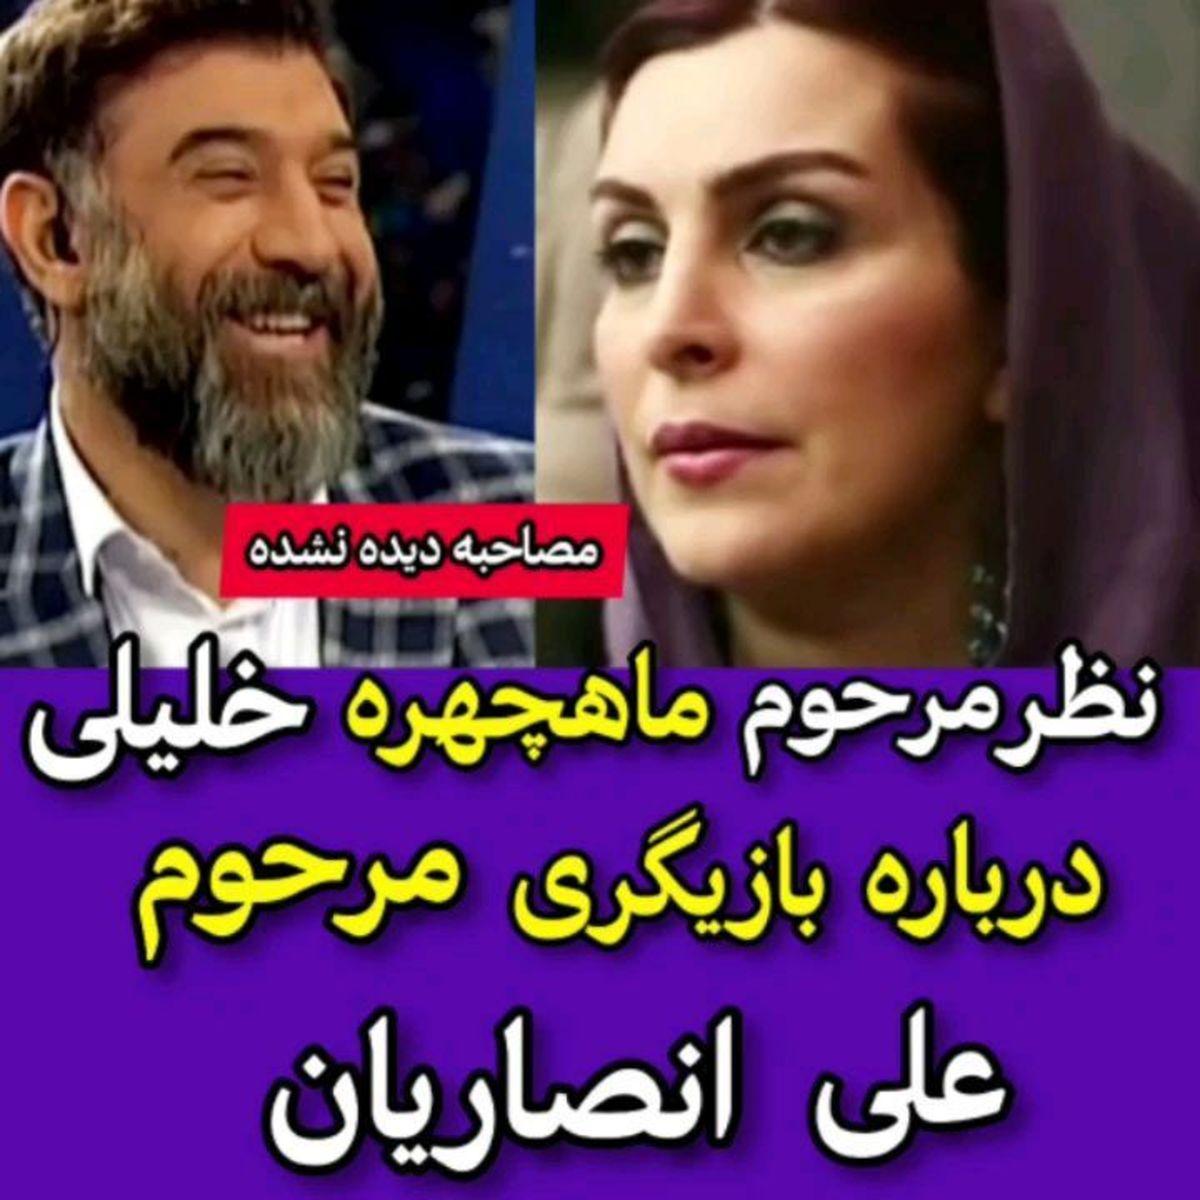 طرفداری ماهچهره خلیلی از علی انصاریان قبل از مرگشان+فیلم